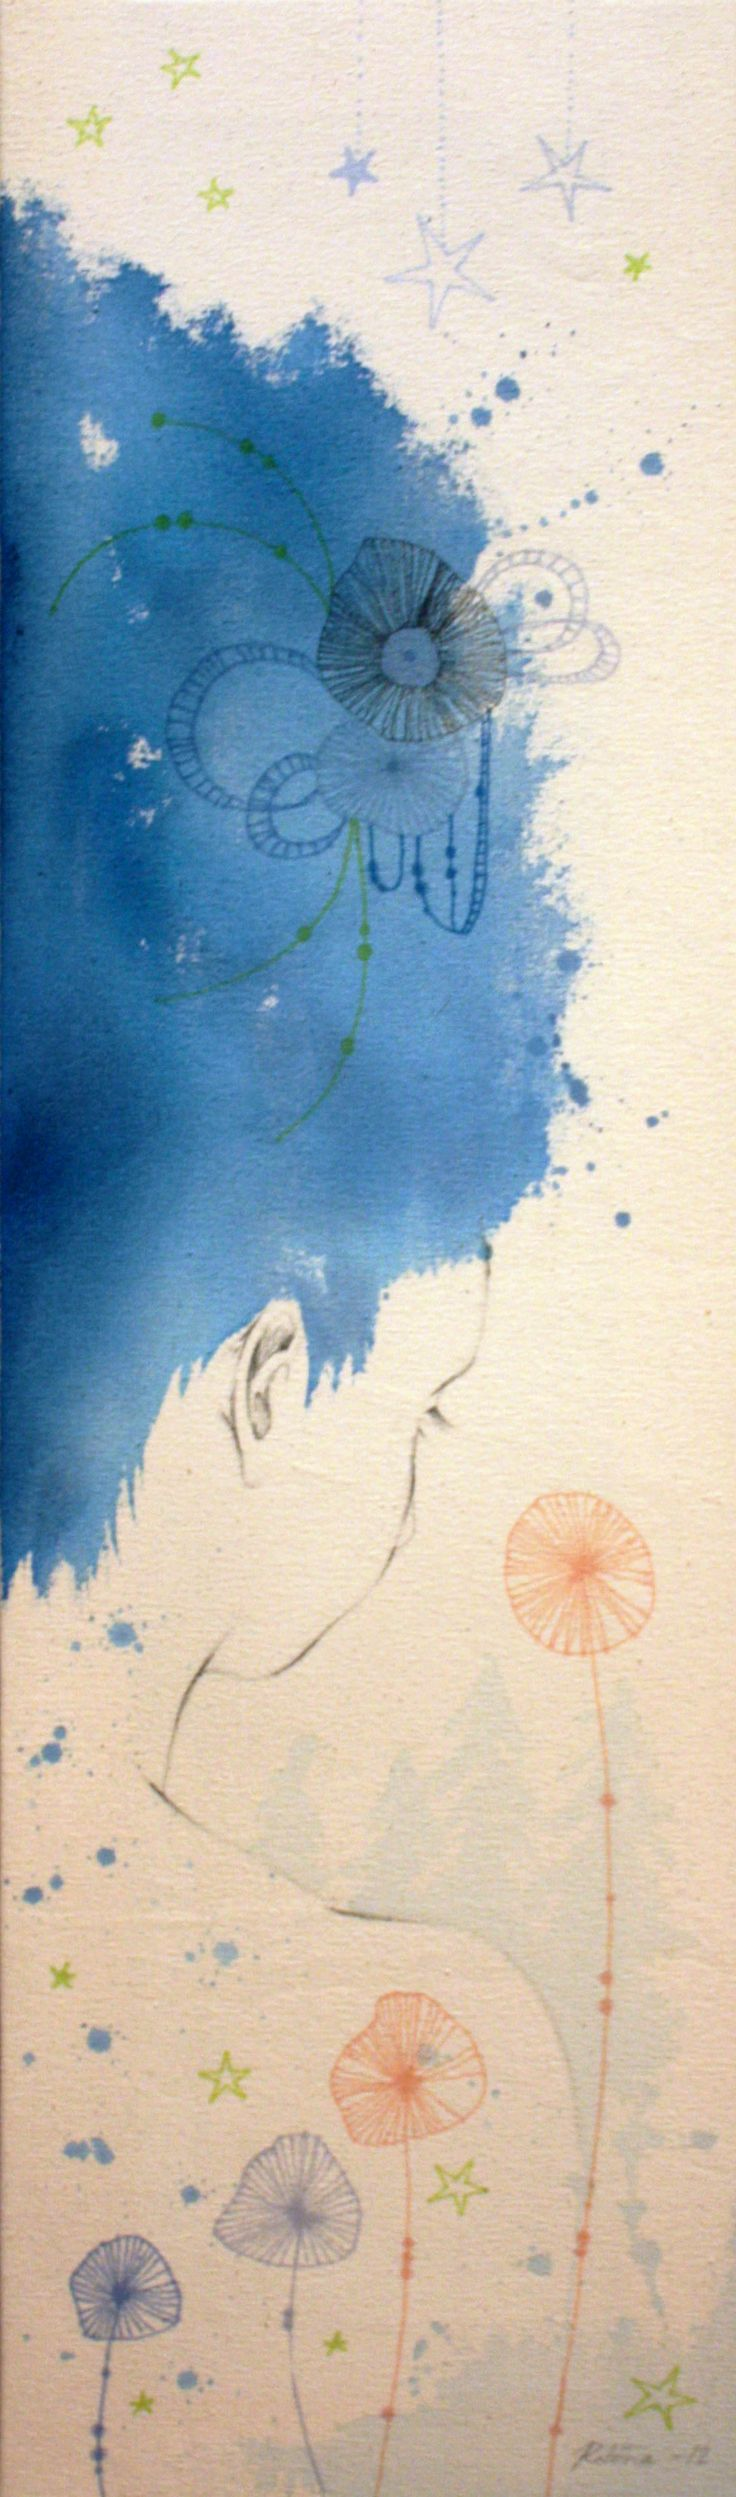 Yötön Yö 2012 (Sleepless Night) Acrylic, markers, pencil on cotton duck